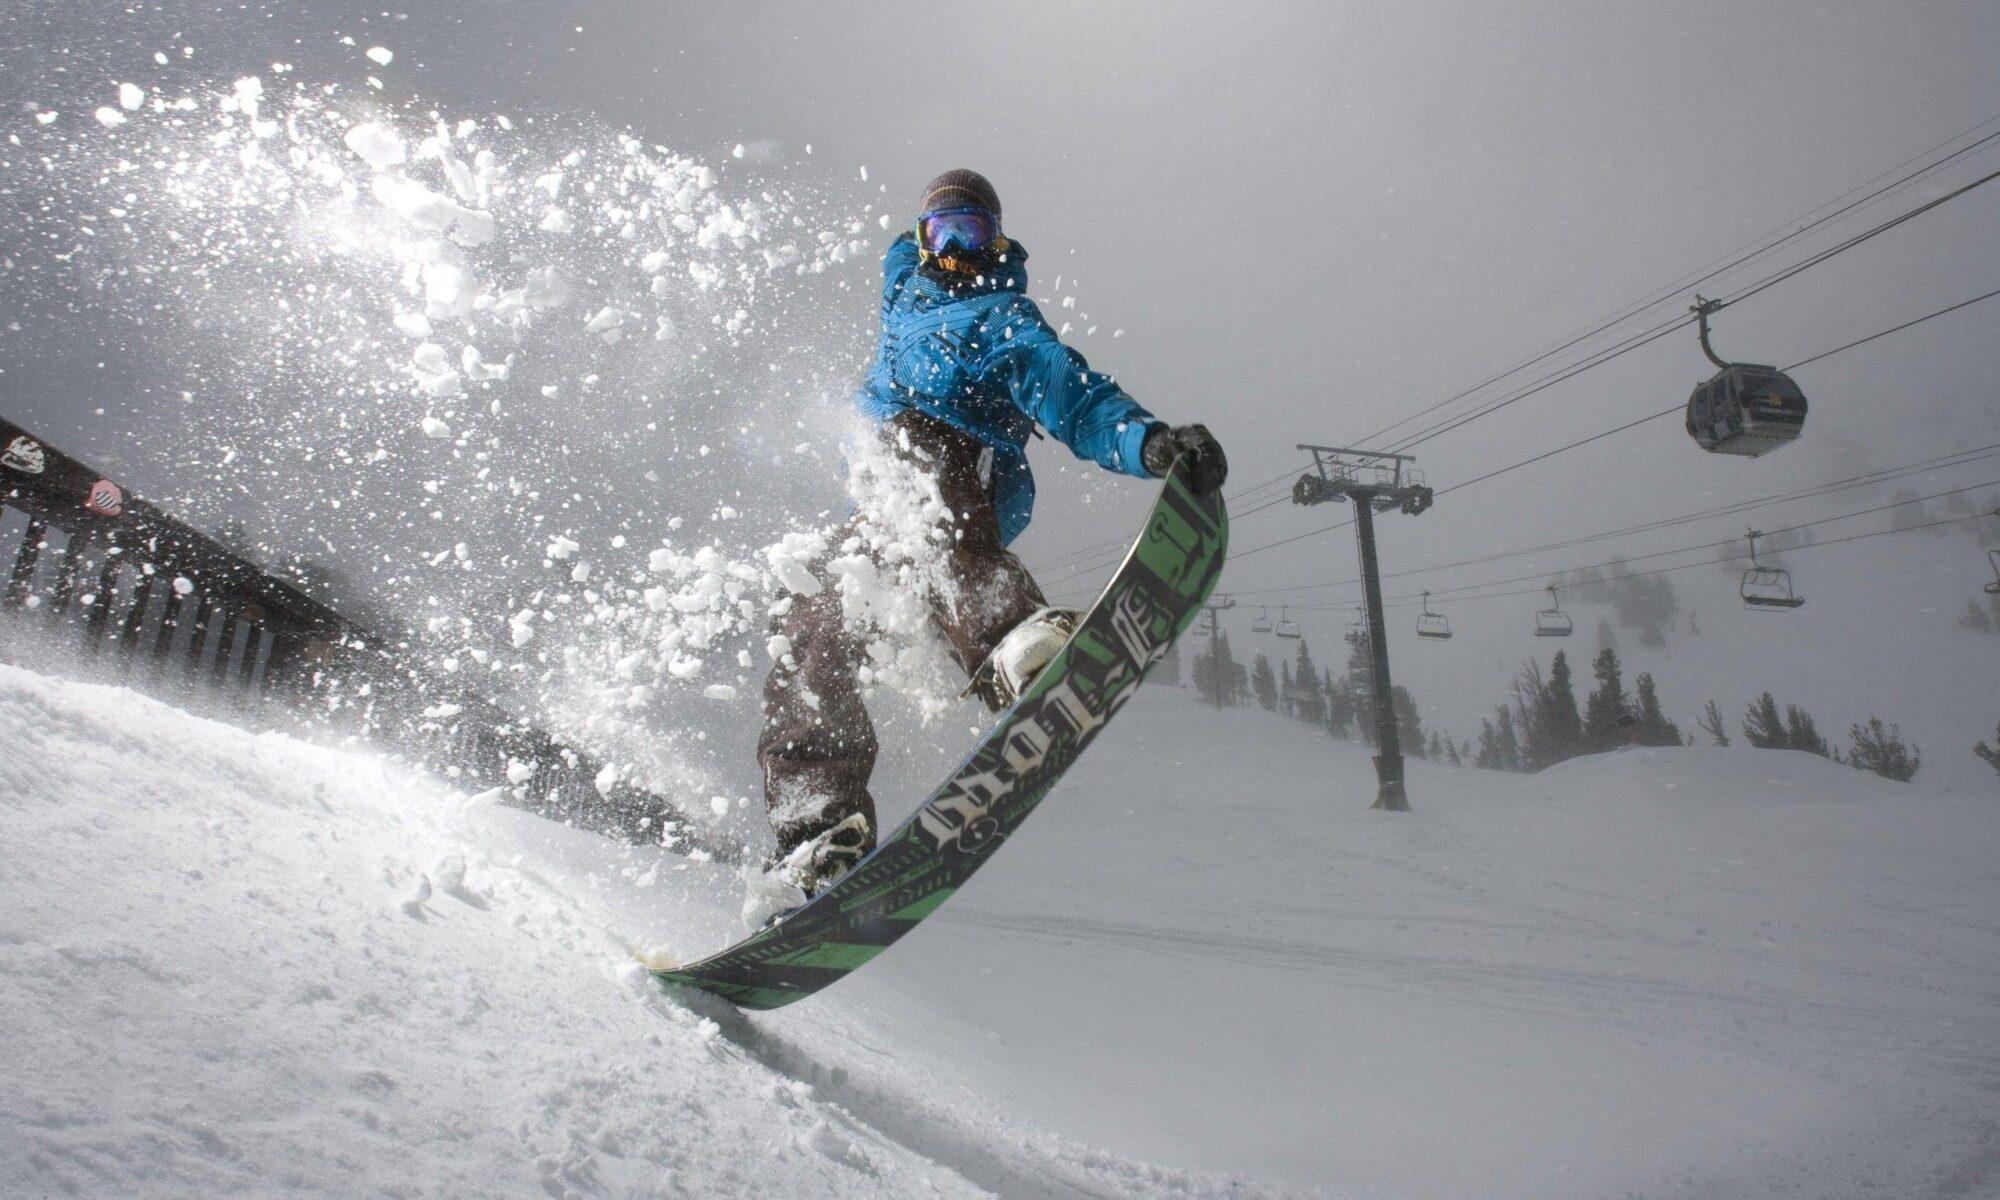 ремонт сноубордов, горных лыж, вейкбордов